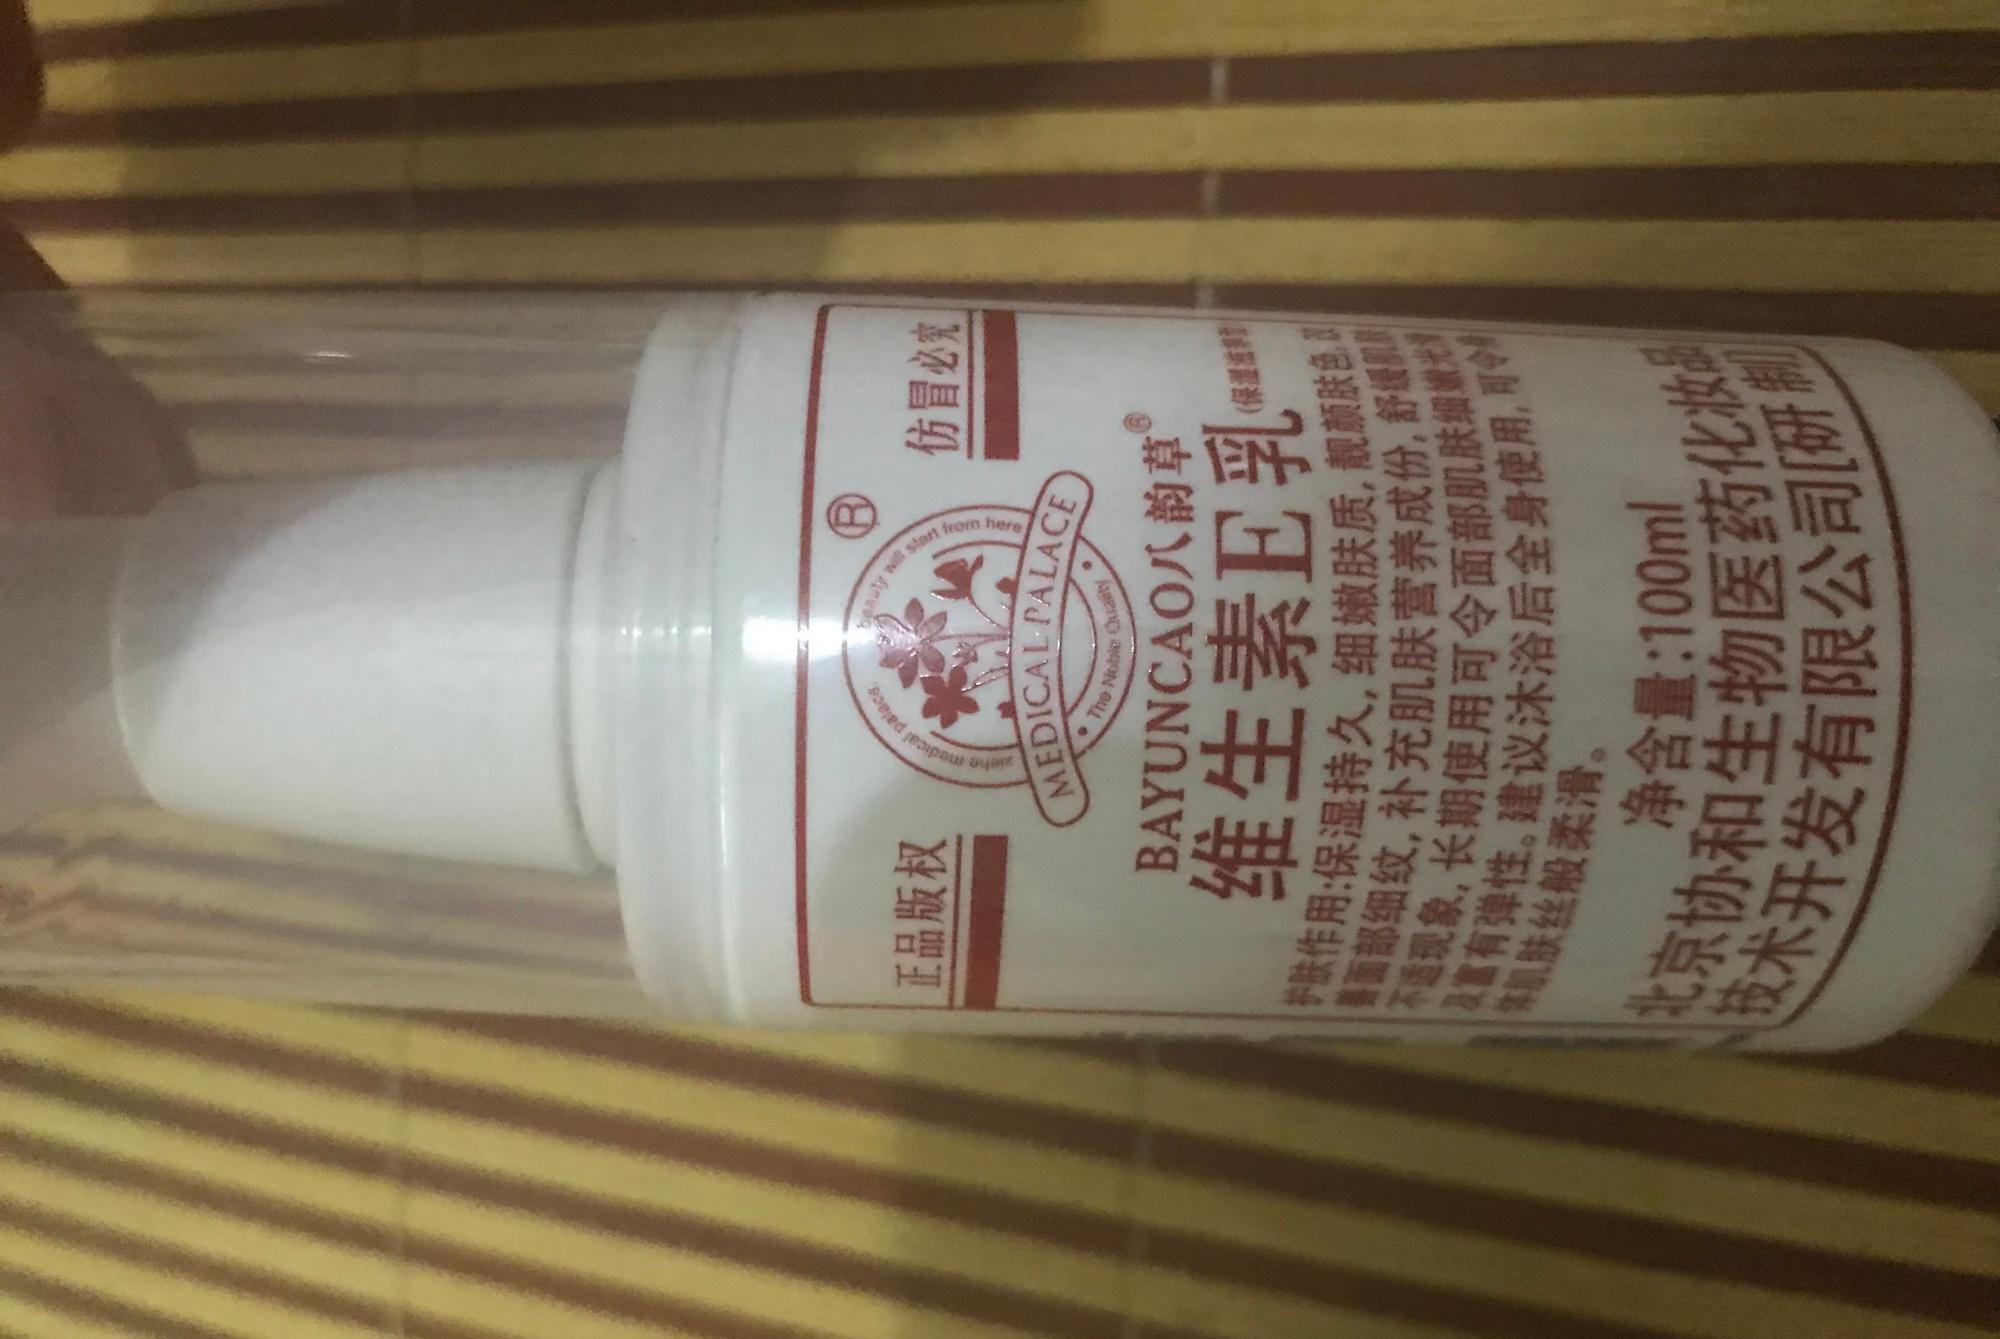 协和八韵草维生素E乳怎么样,真的好用吗